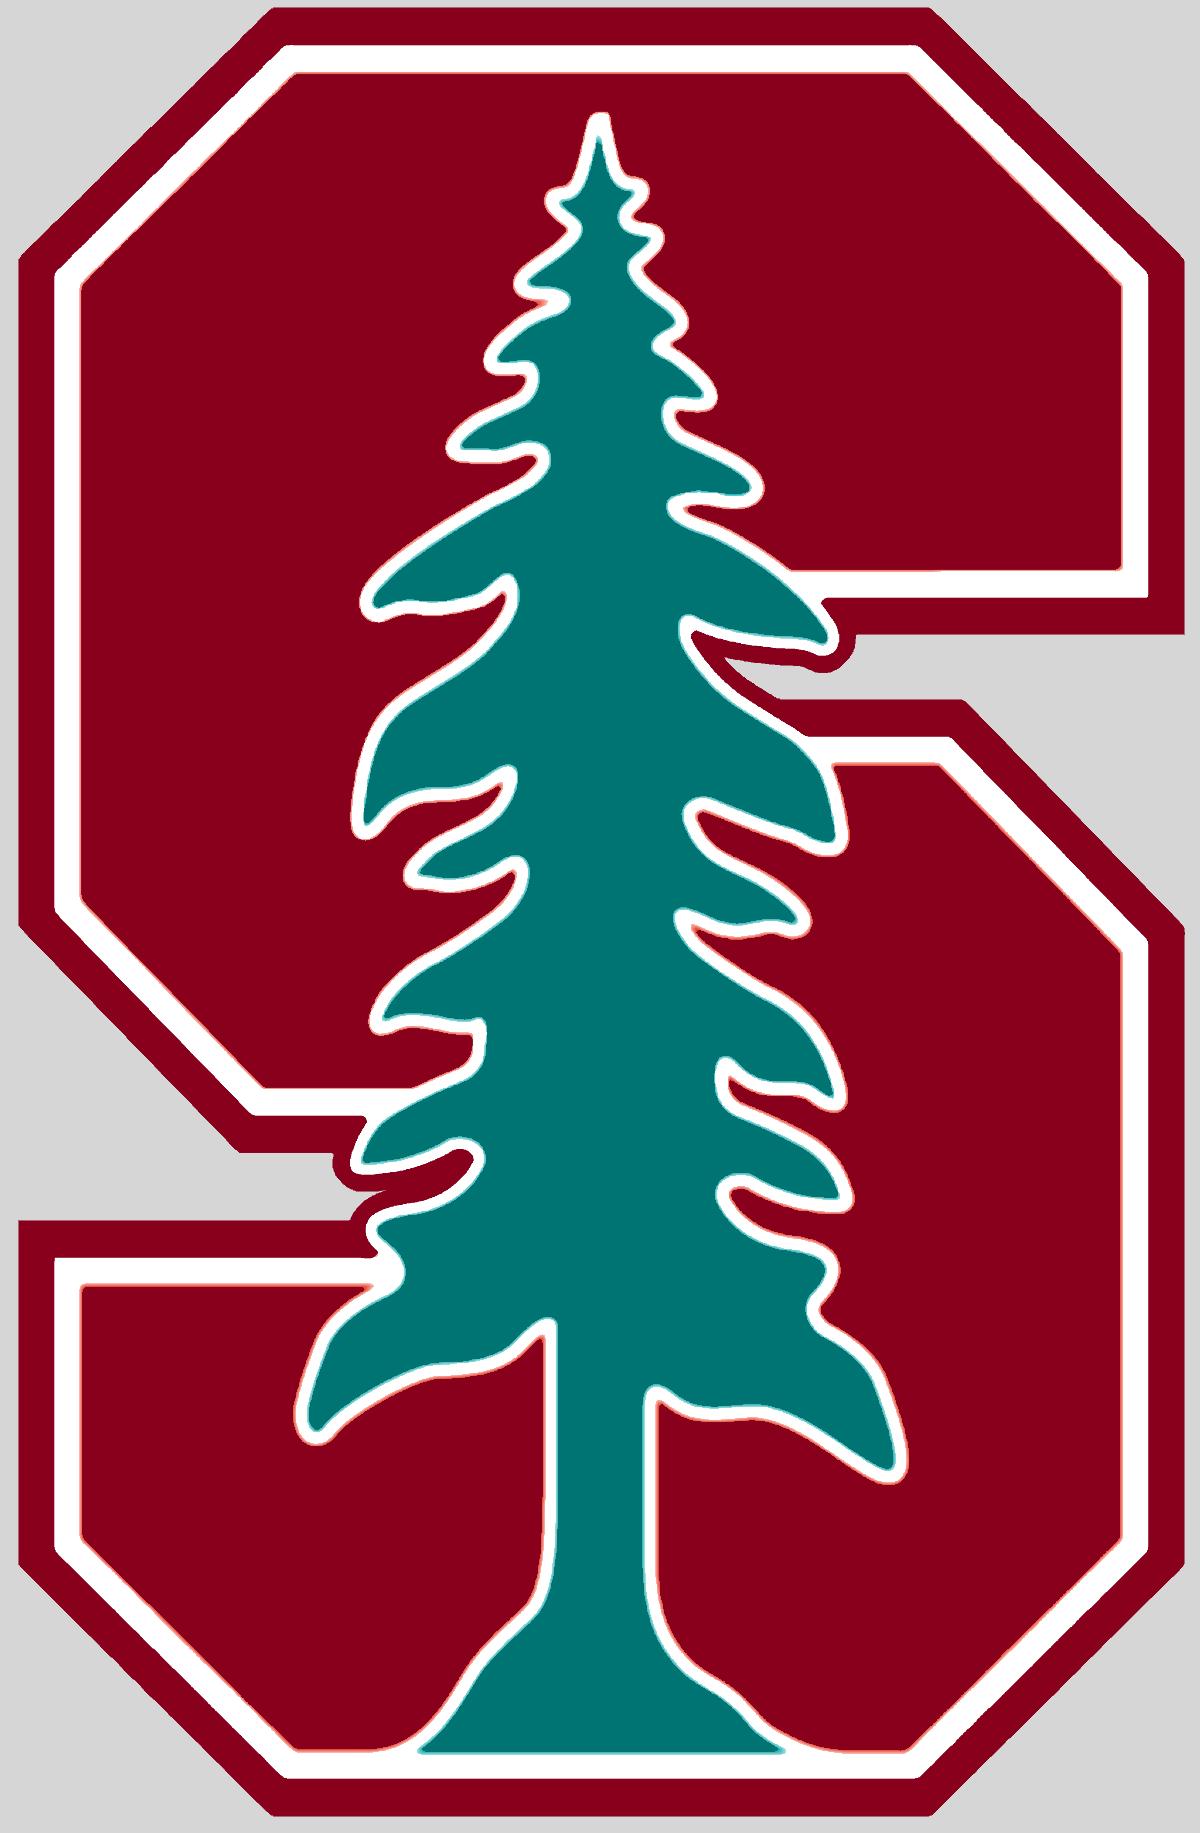 1982 California vs. Stanford